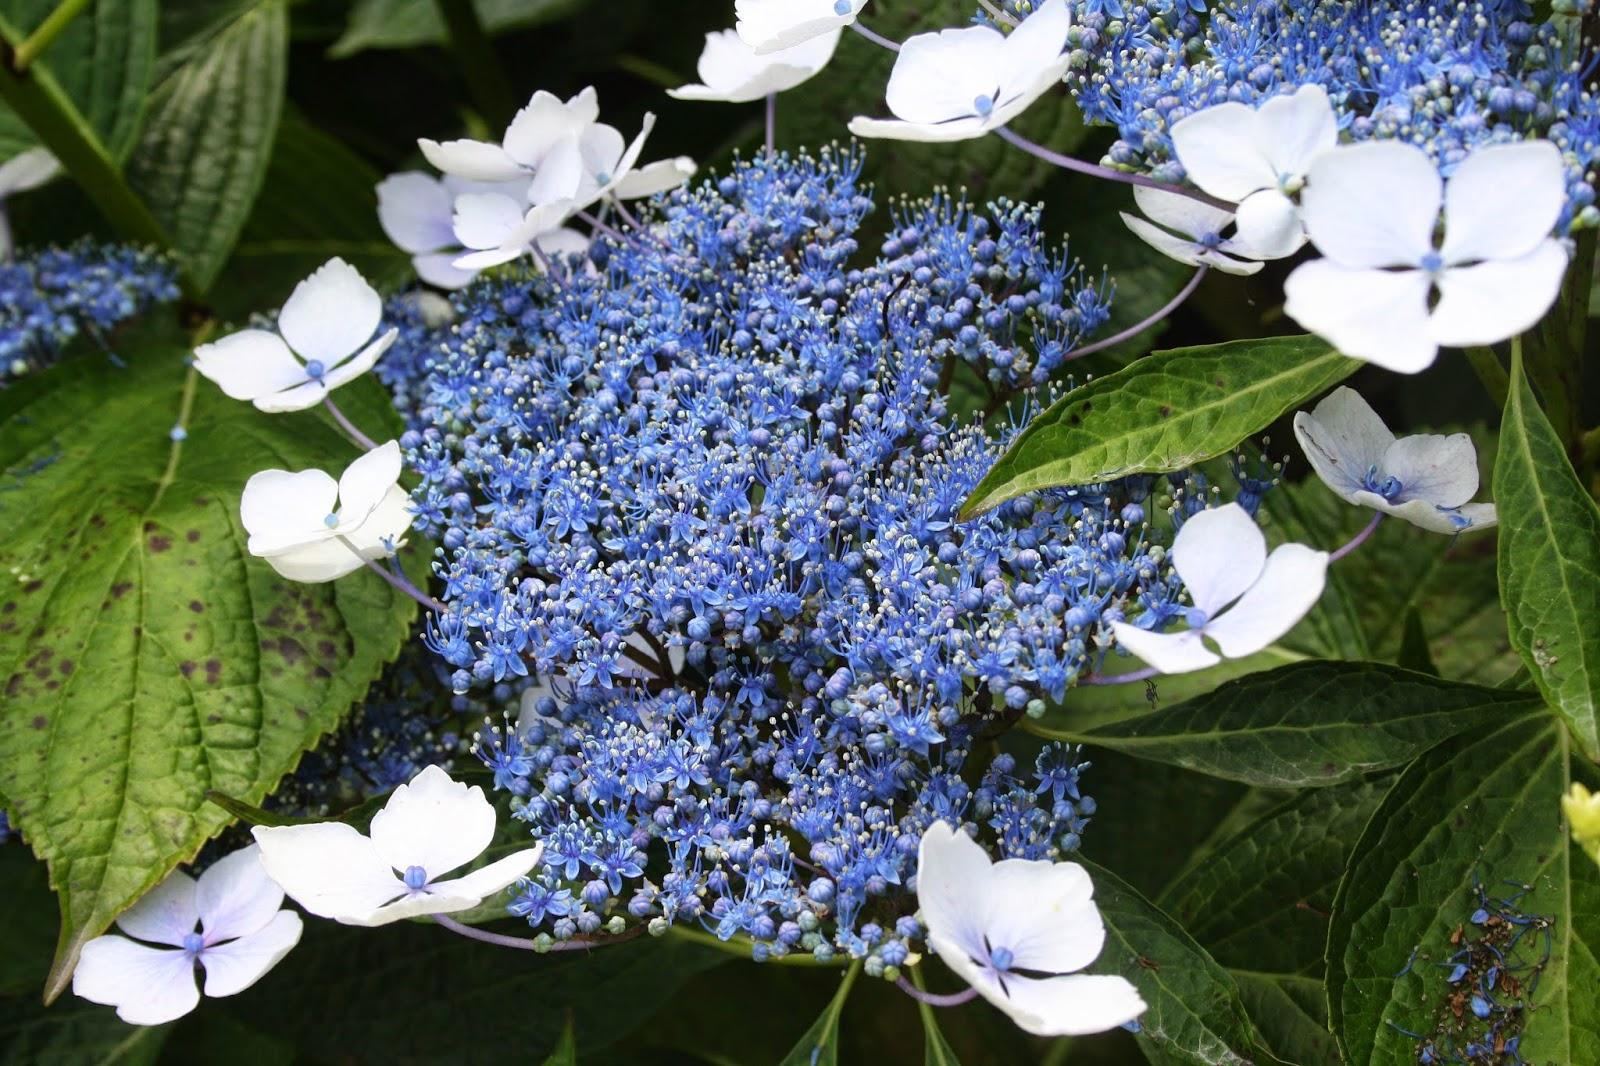 El jard n de margarita hortensias qu guapas son - Variedades de hortensias ...